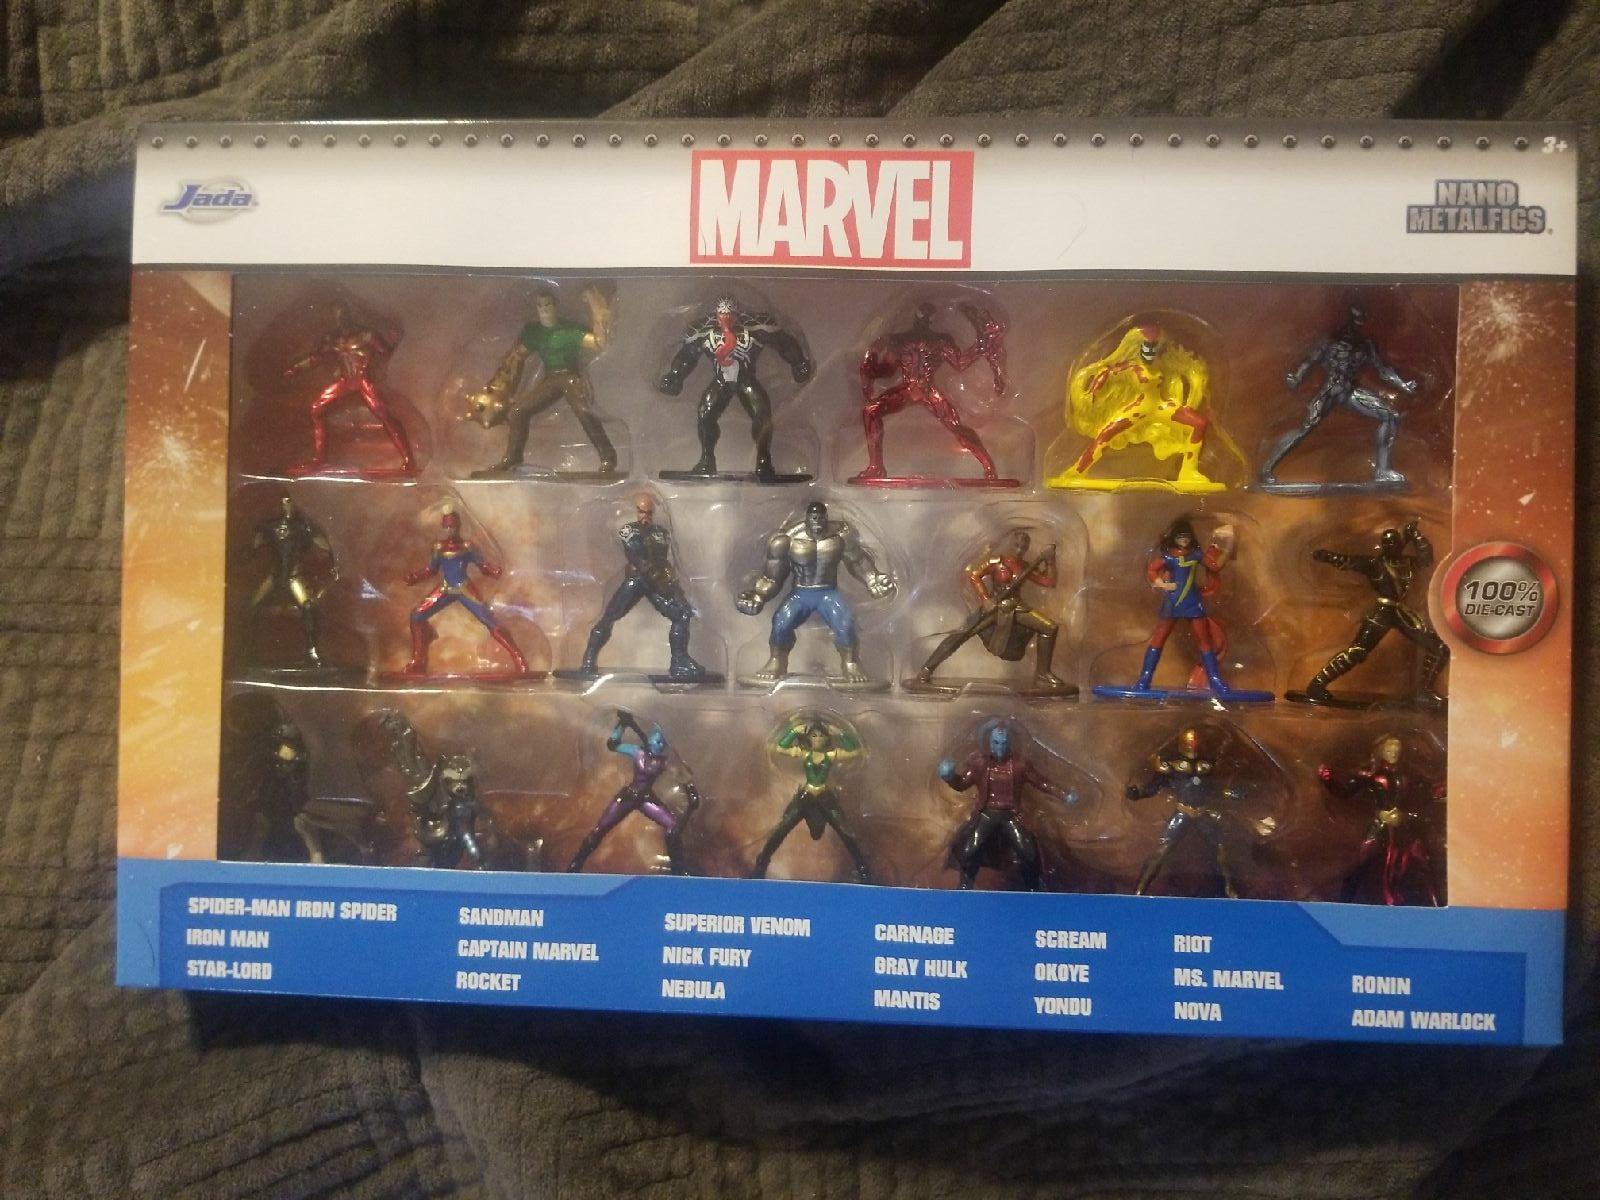 By Jada Marvel Nano Metalfigs 20 Blind Bags Figures Collectors Set Die-Cast New